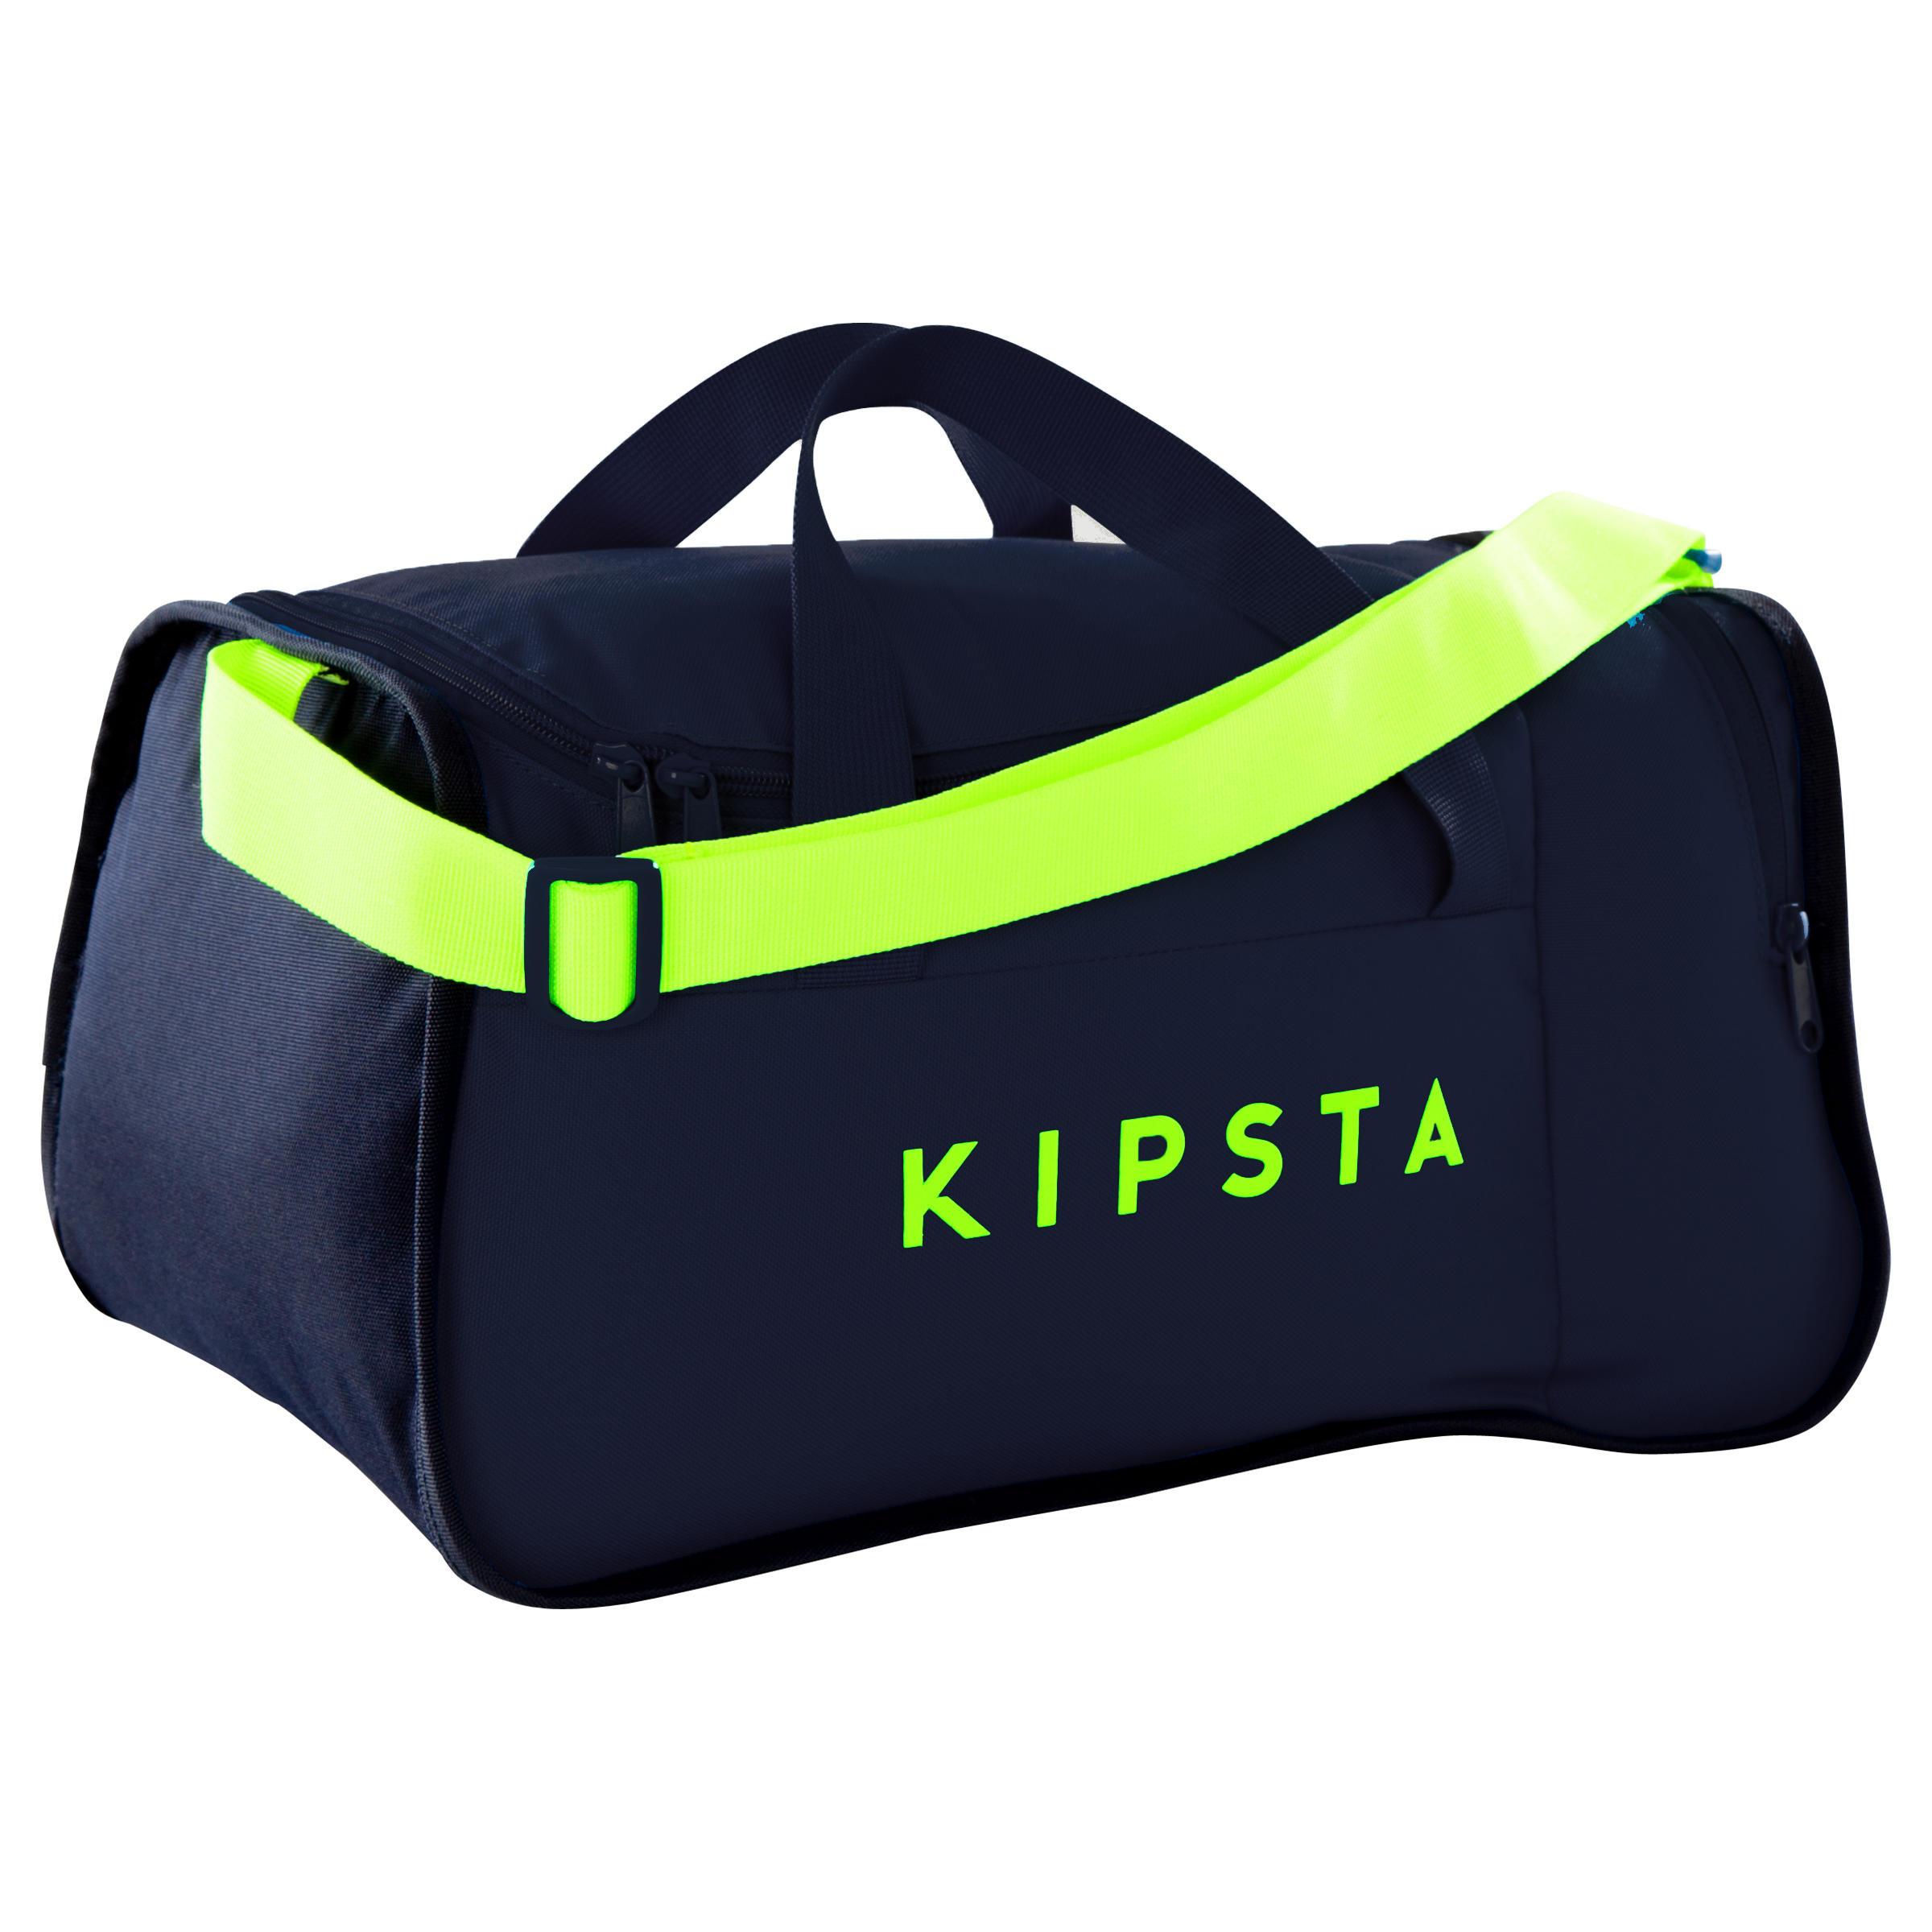 กระเป๋าสำหรับกีฬาปร...